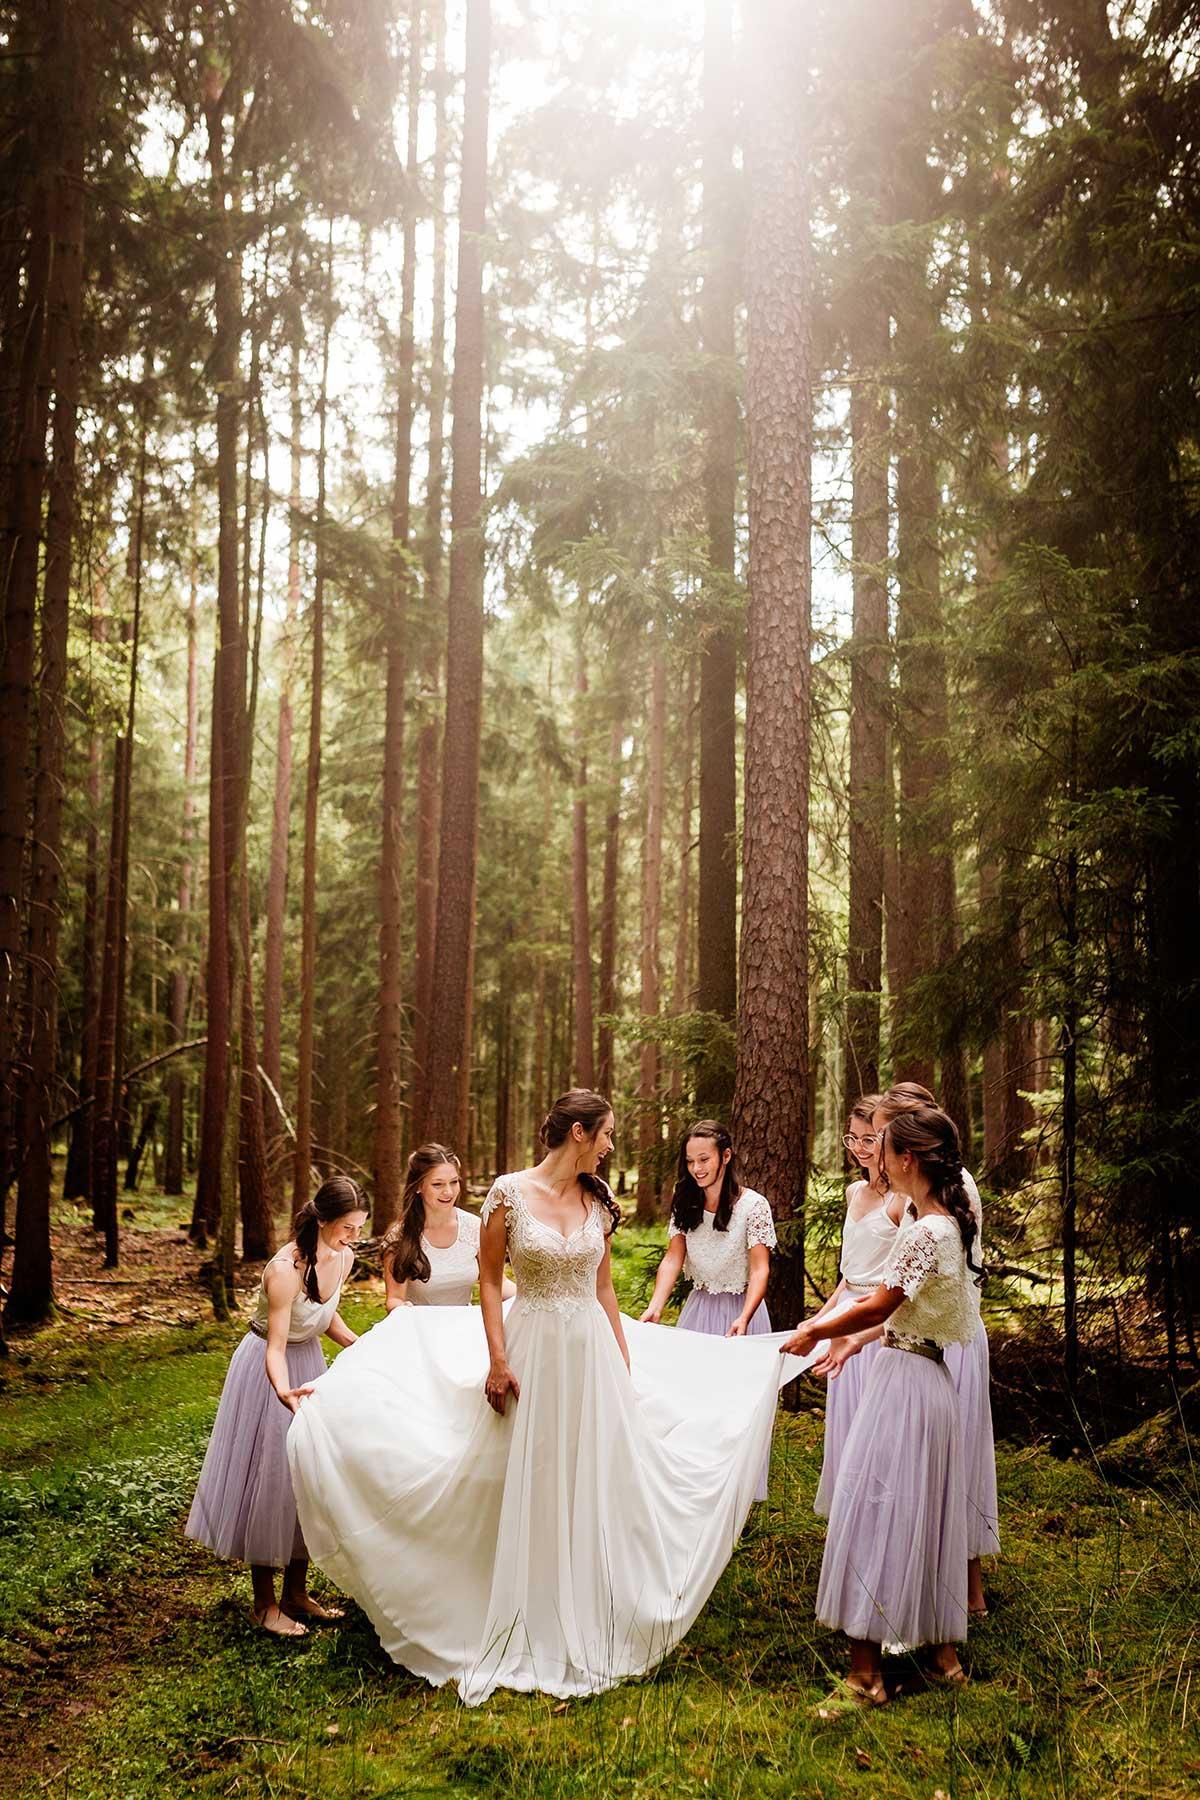 Braut mit ihren Brautjungfern im Wald